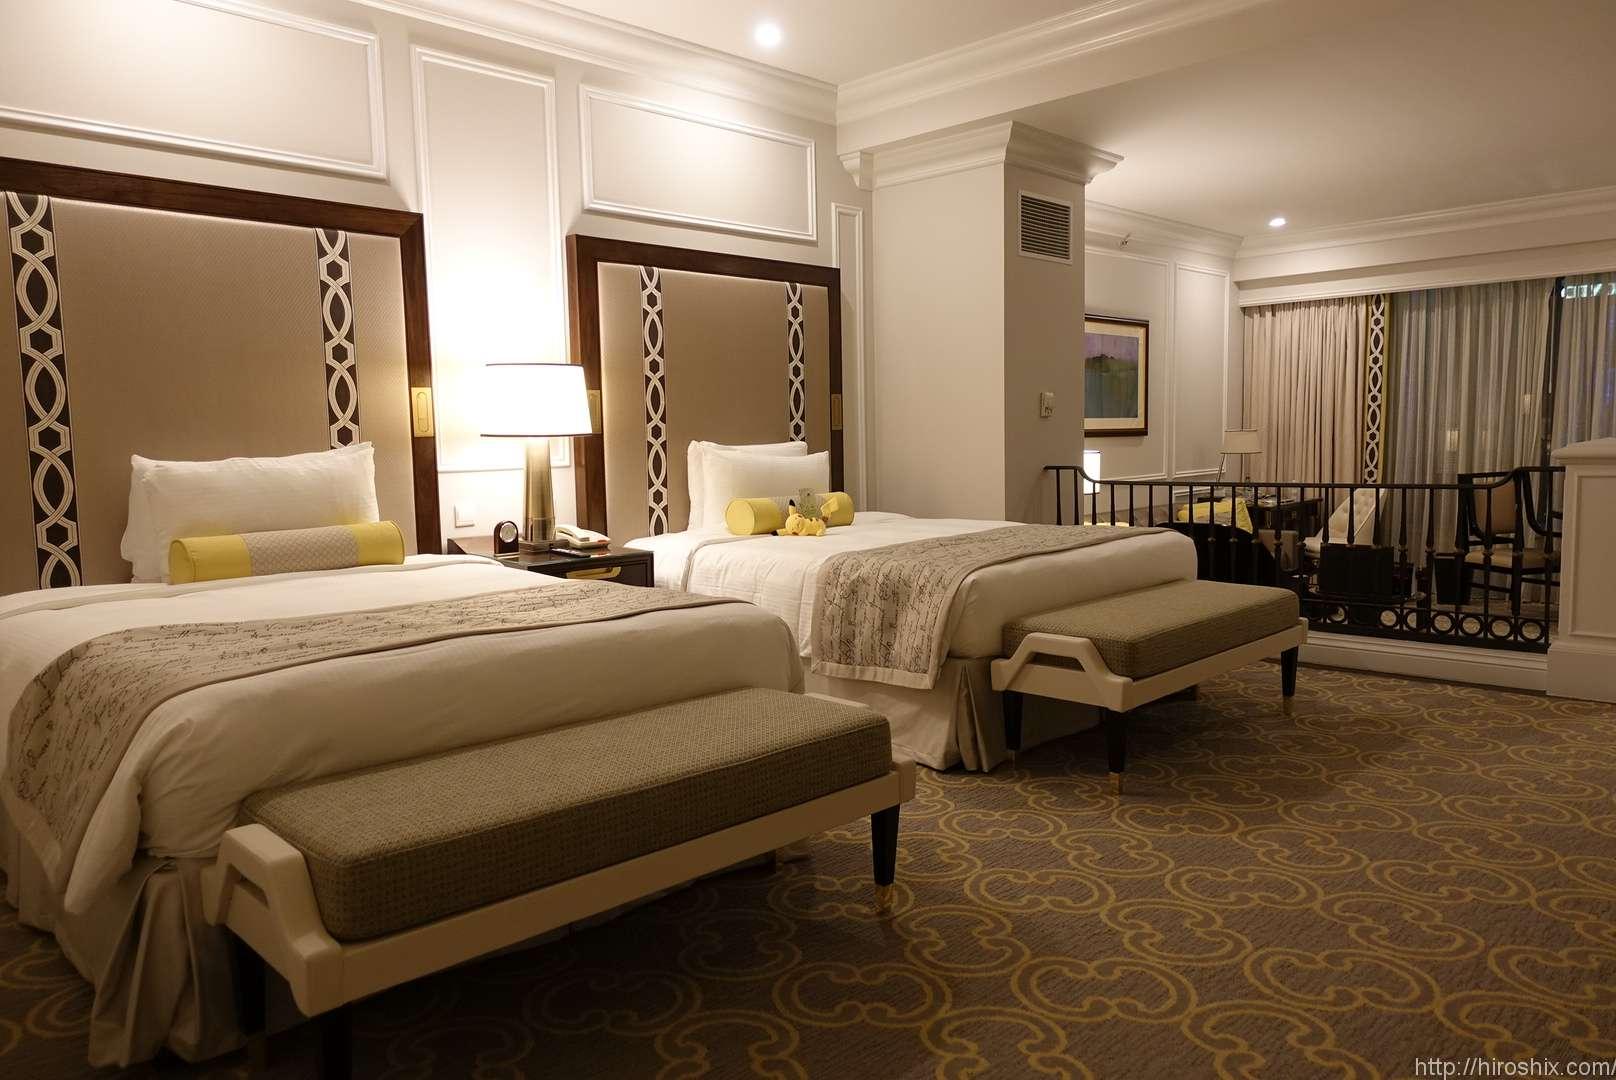 ザ・ヴェネチアン・マカオ・リゾートホテル宿泊記。カジノとレストラン、プールにゴンドラも!!